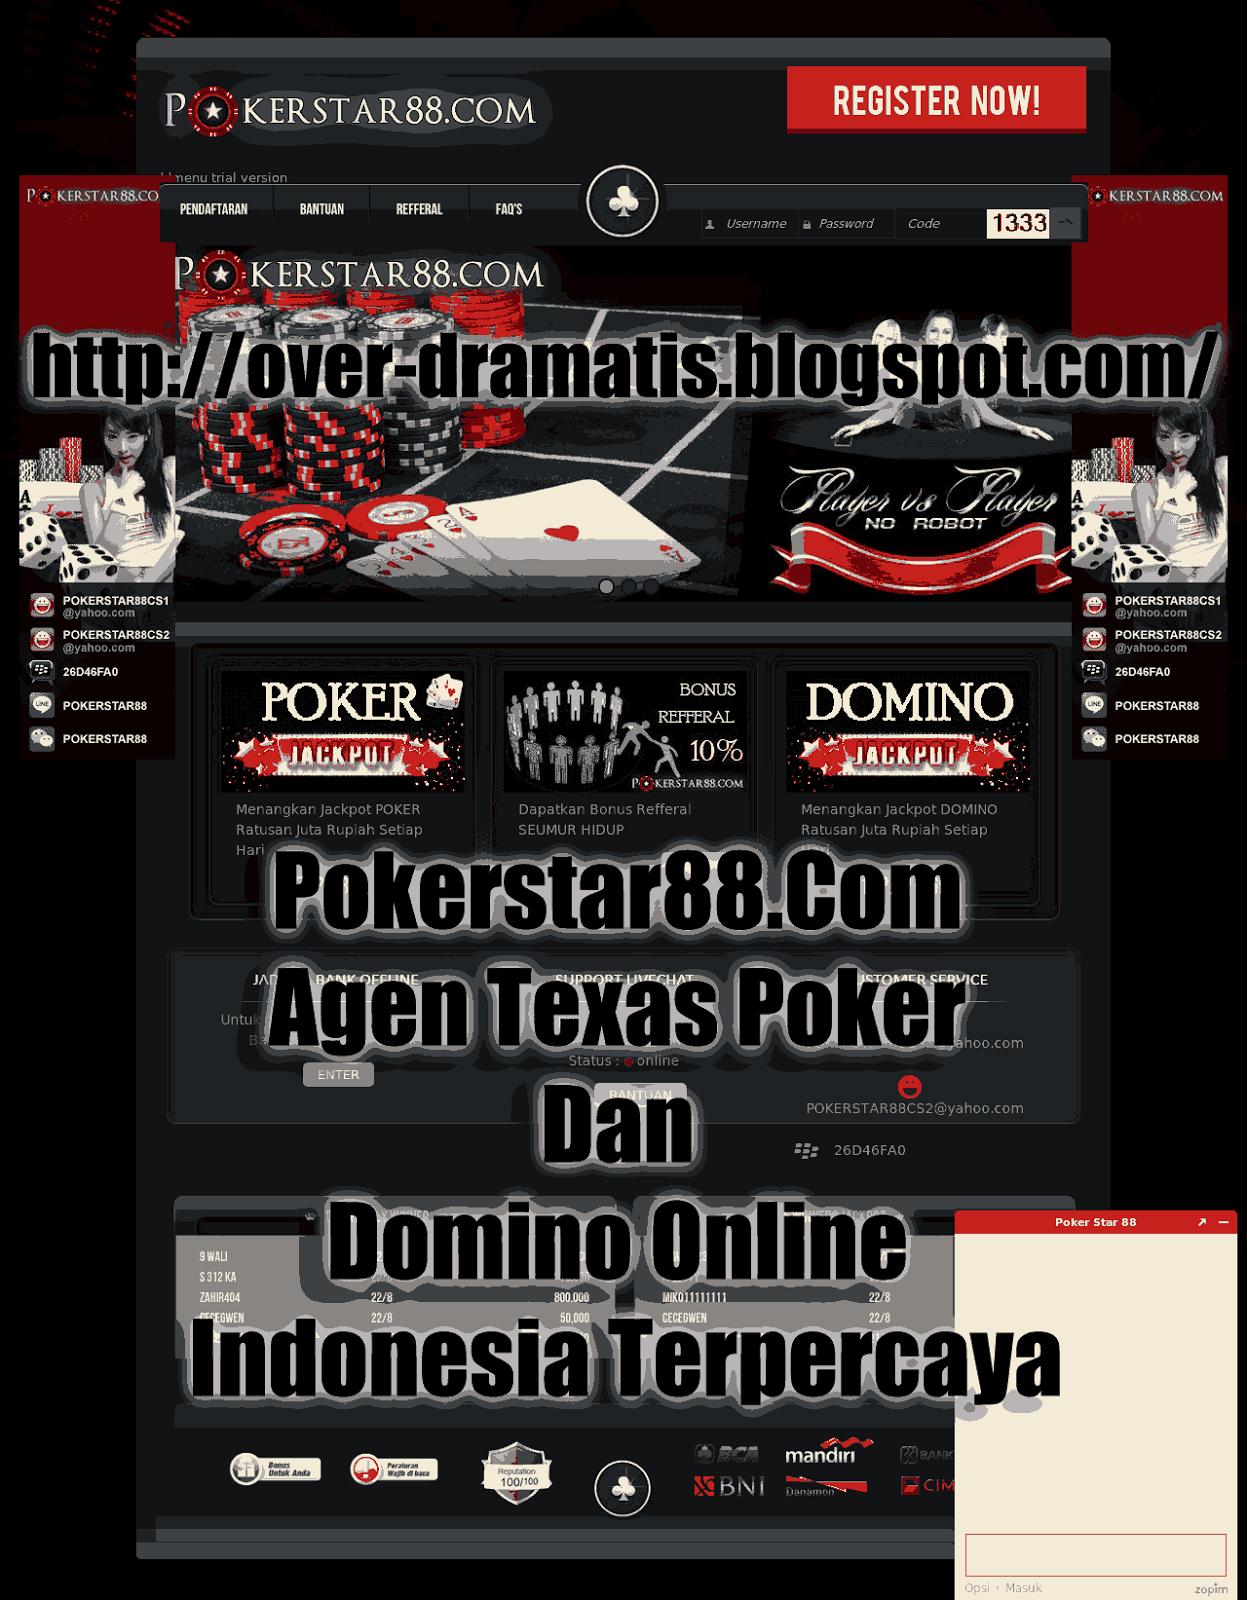 Situs POKERSTAR88 AGEN TEXAS POKER DAN DOMINO ONLINE INDONESIA TERPERCAYA tentunya sudah tidak diragukan lagi karena